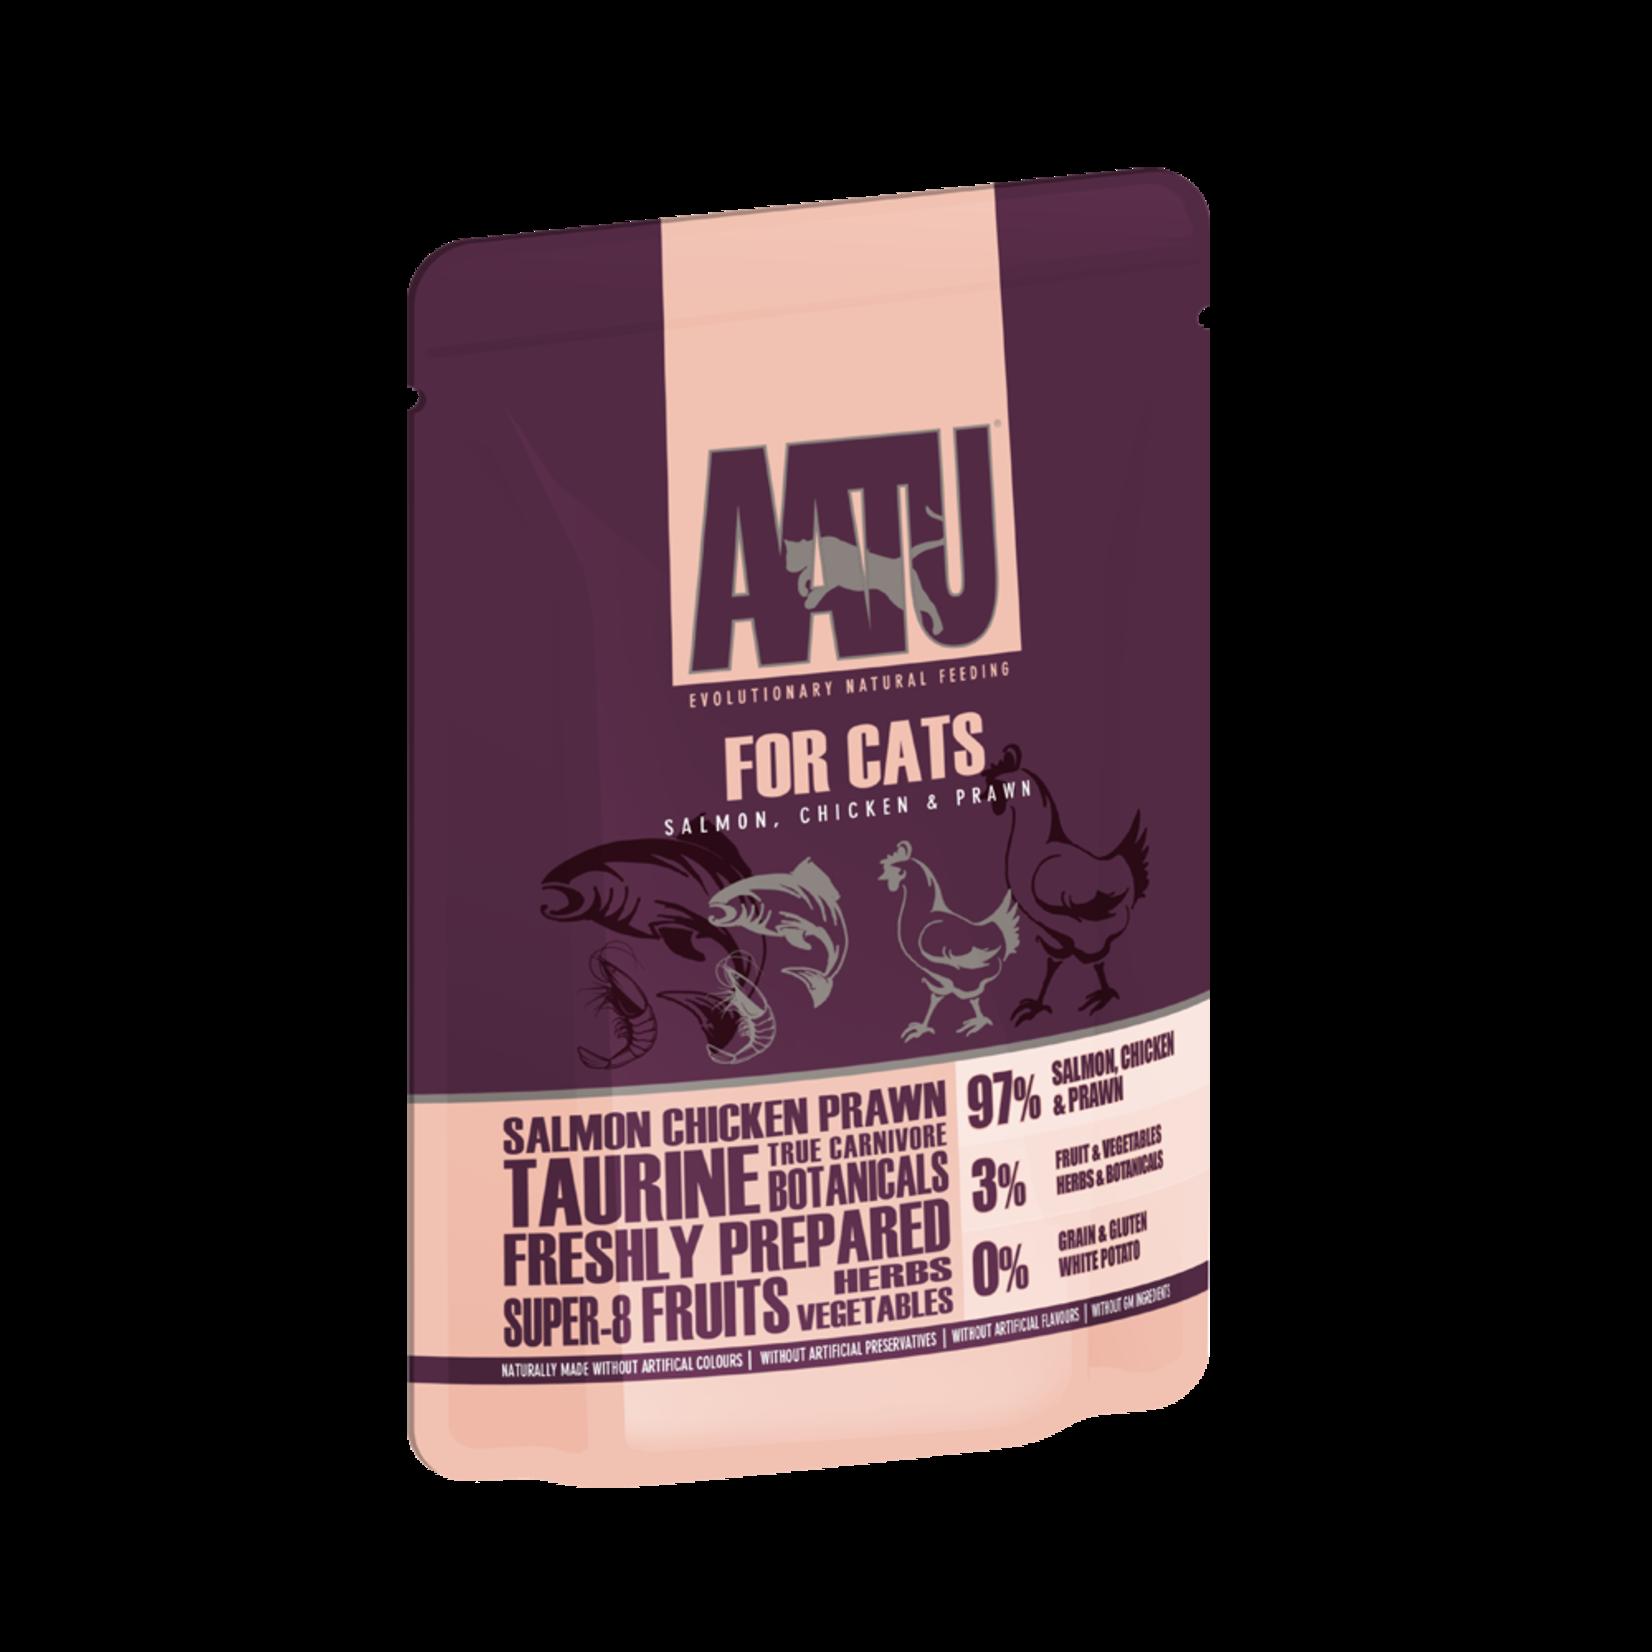 AATU Salmon, Chicken & Prawn Adult Cat Wet Food Pouch, 85g